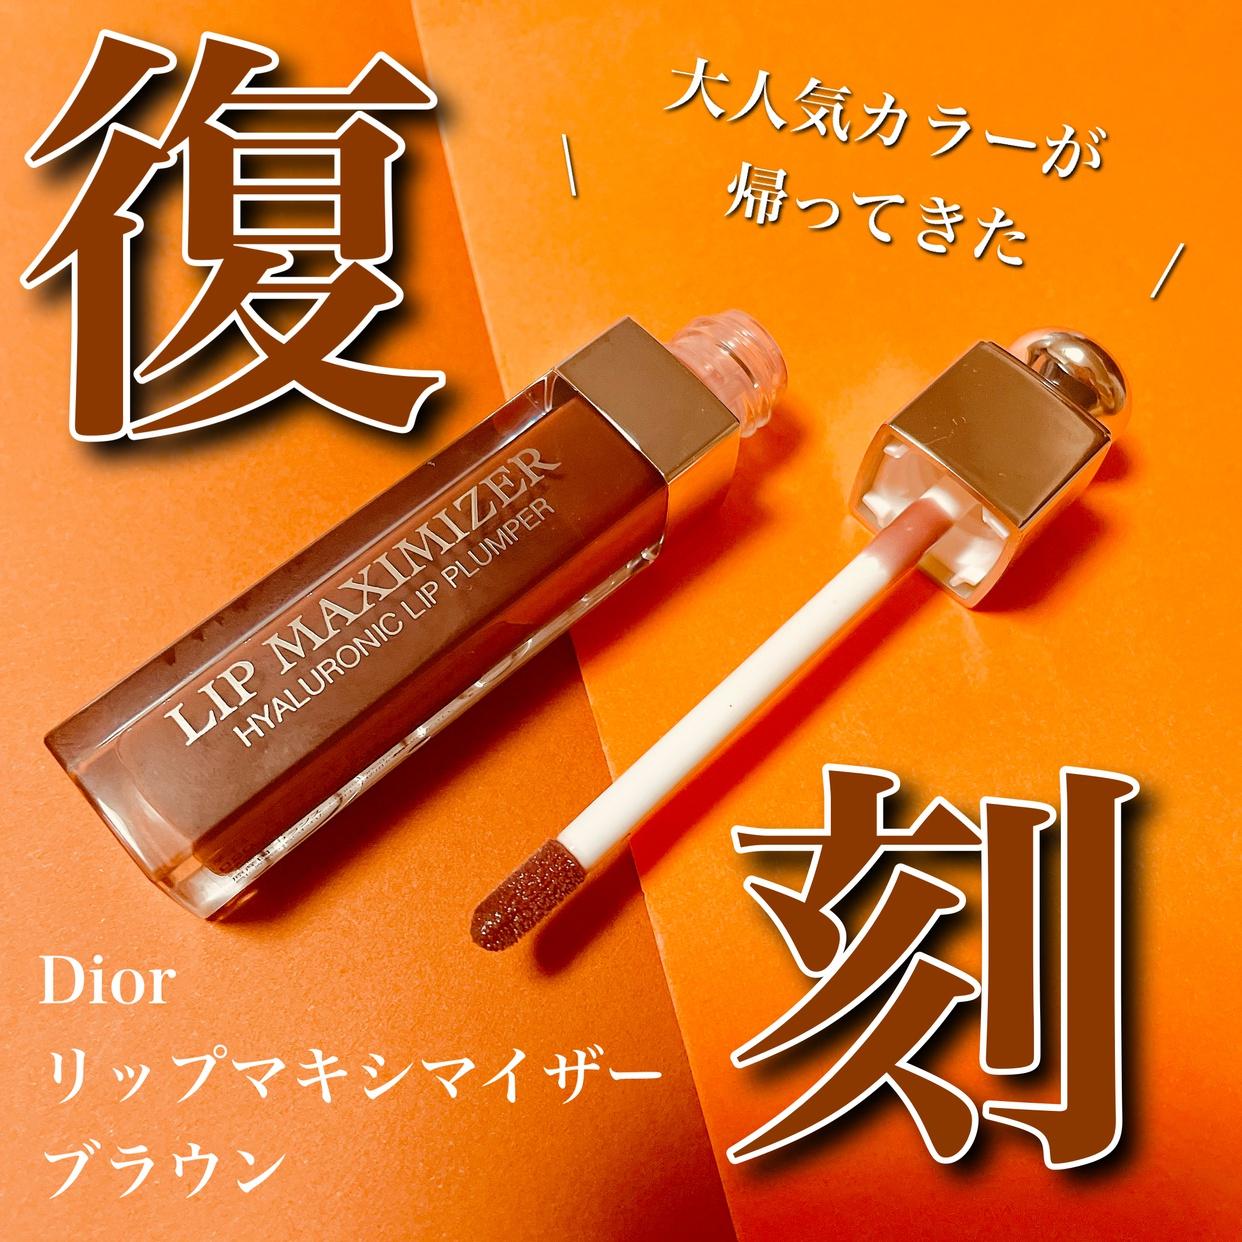 Dior(ディオール)アディクト リップ マキシマイザーを使ったここあさんのクチコミ画像1